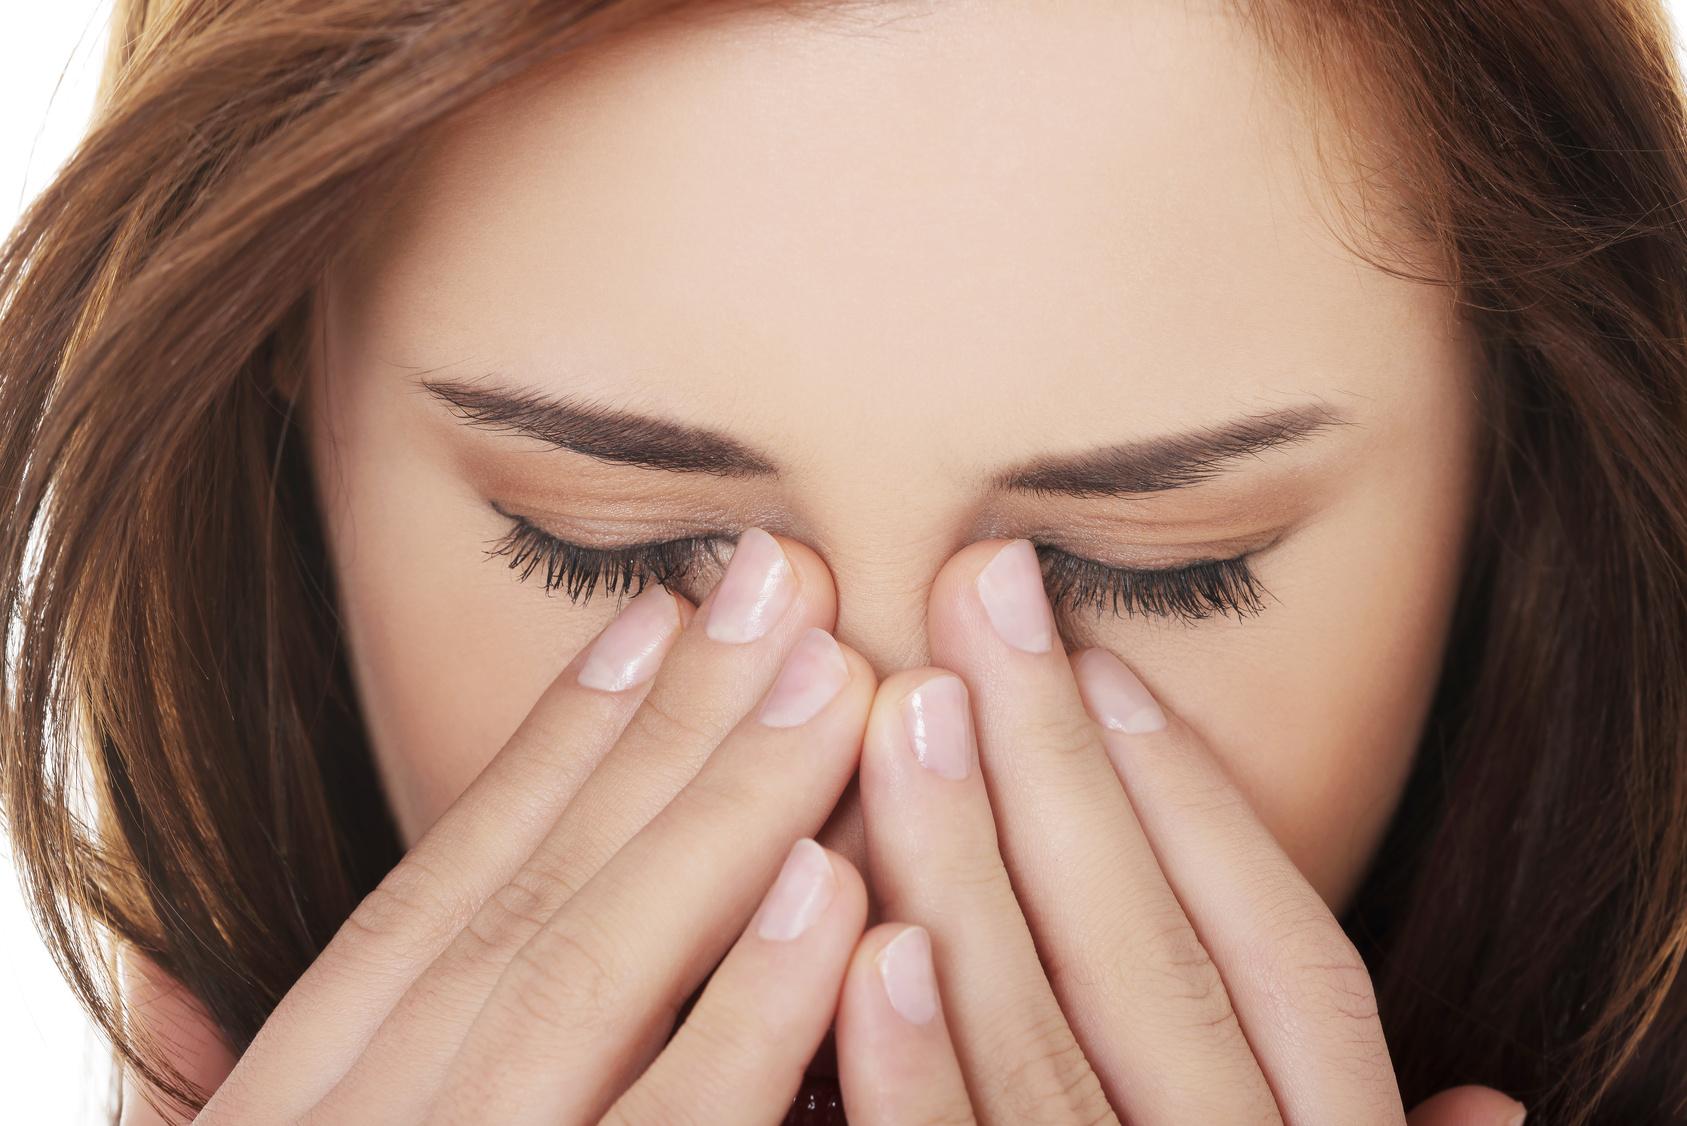 Бактериальный конъюнктивит: симптомы, диагностика, лечение